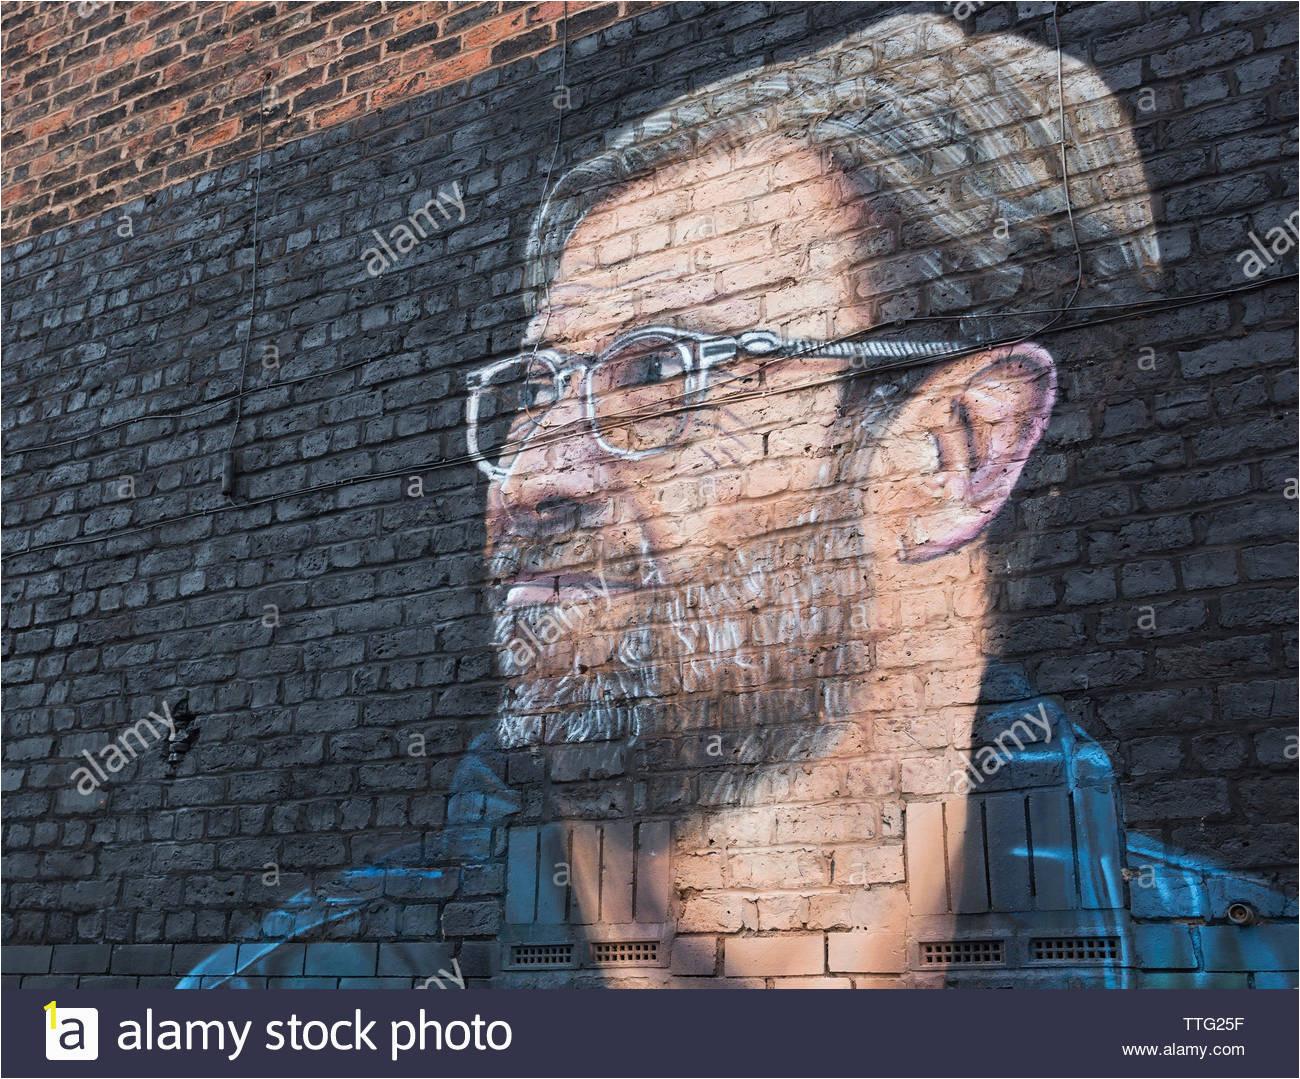 jurgen klopp manager von liverpool football club wandmalerei von street artist akse jamaica street liverpool grossbritannien ttg25f